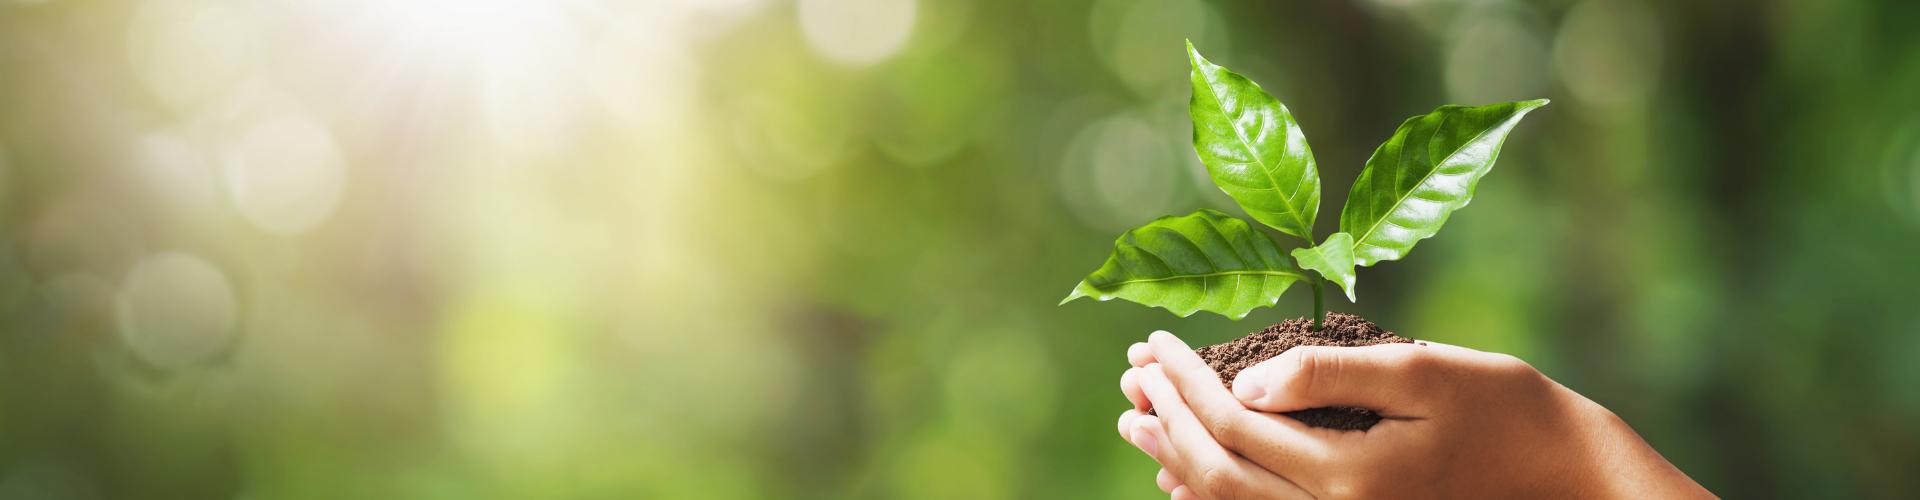 sostenibilità margara